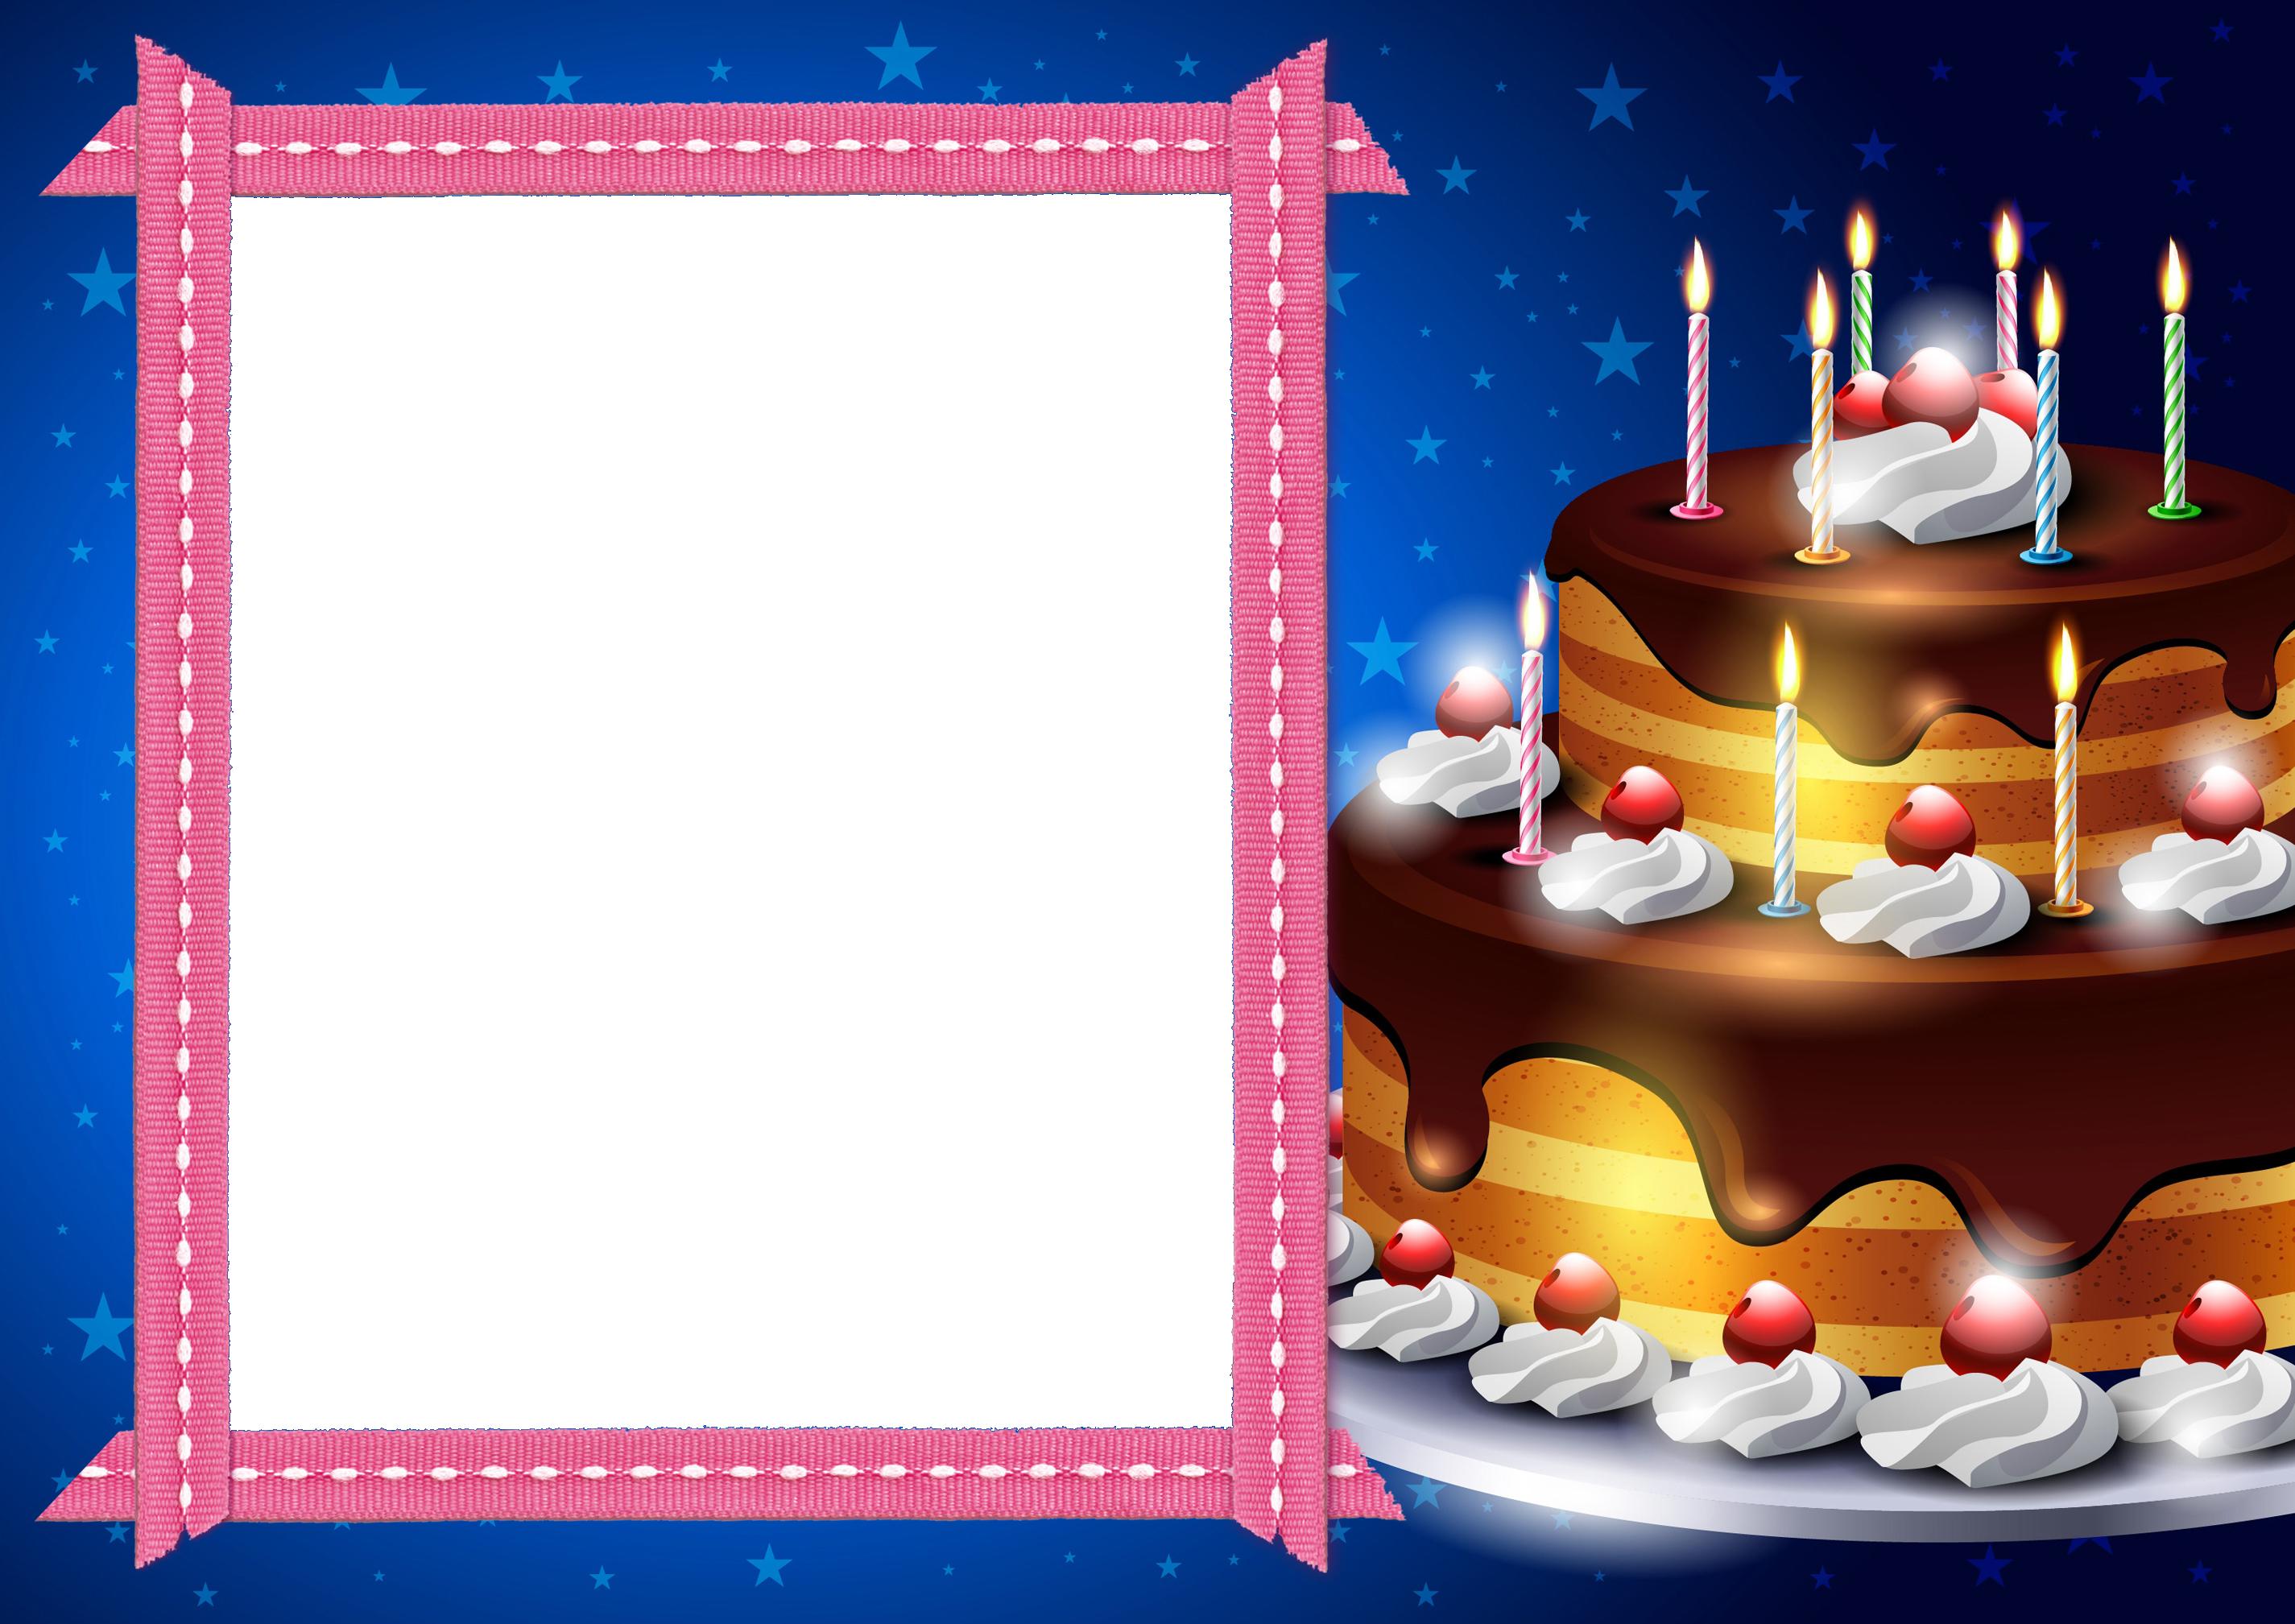 Фотошоп открытка с днем рождения для мужчины